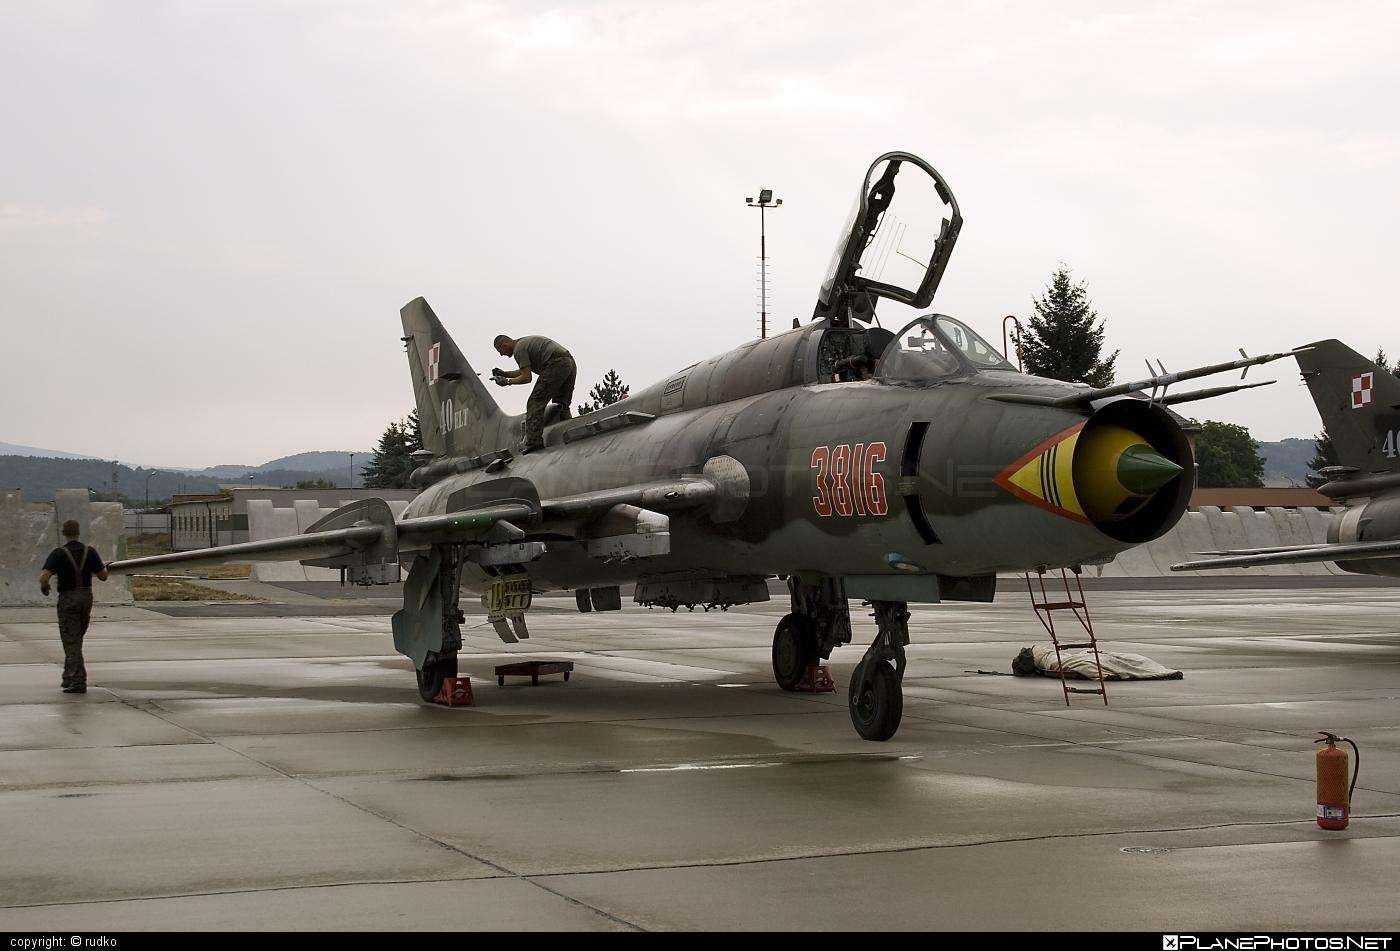 Sukhoi Su-22M4 - 3816 operated by Siły Powietrzne Rzeczypospolitej Polskiej (Polish Air Force) #polishairforce #silypowietrzne #sukhoi